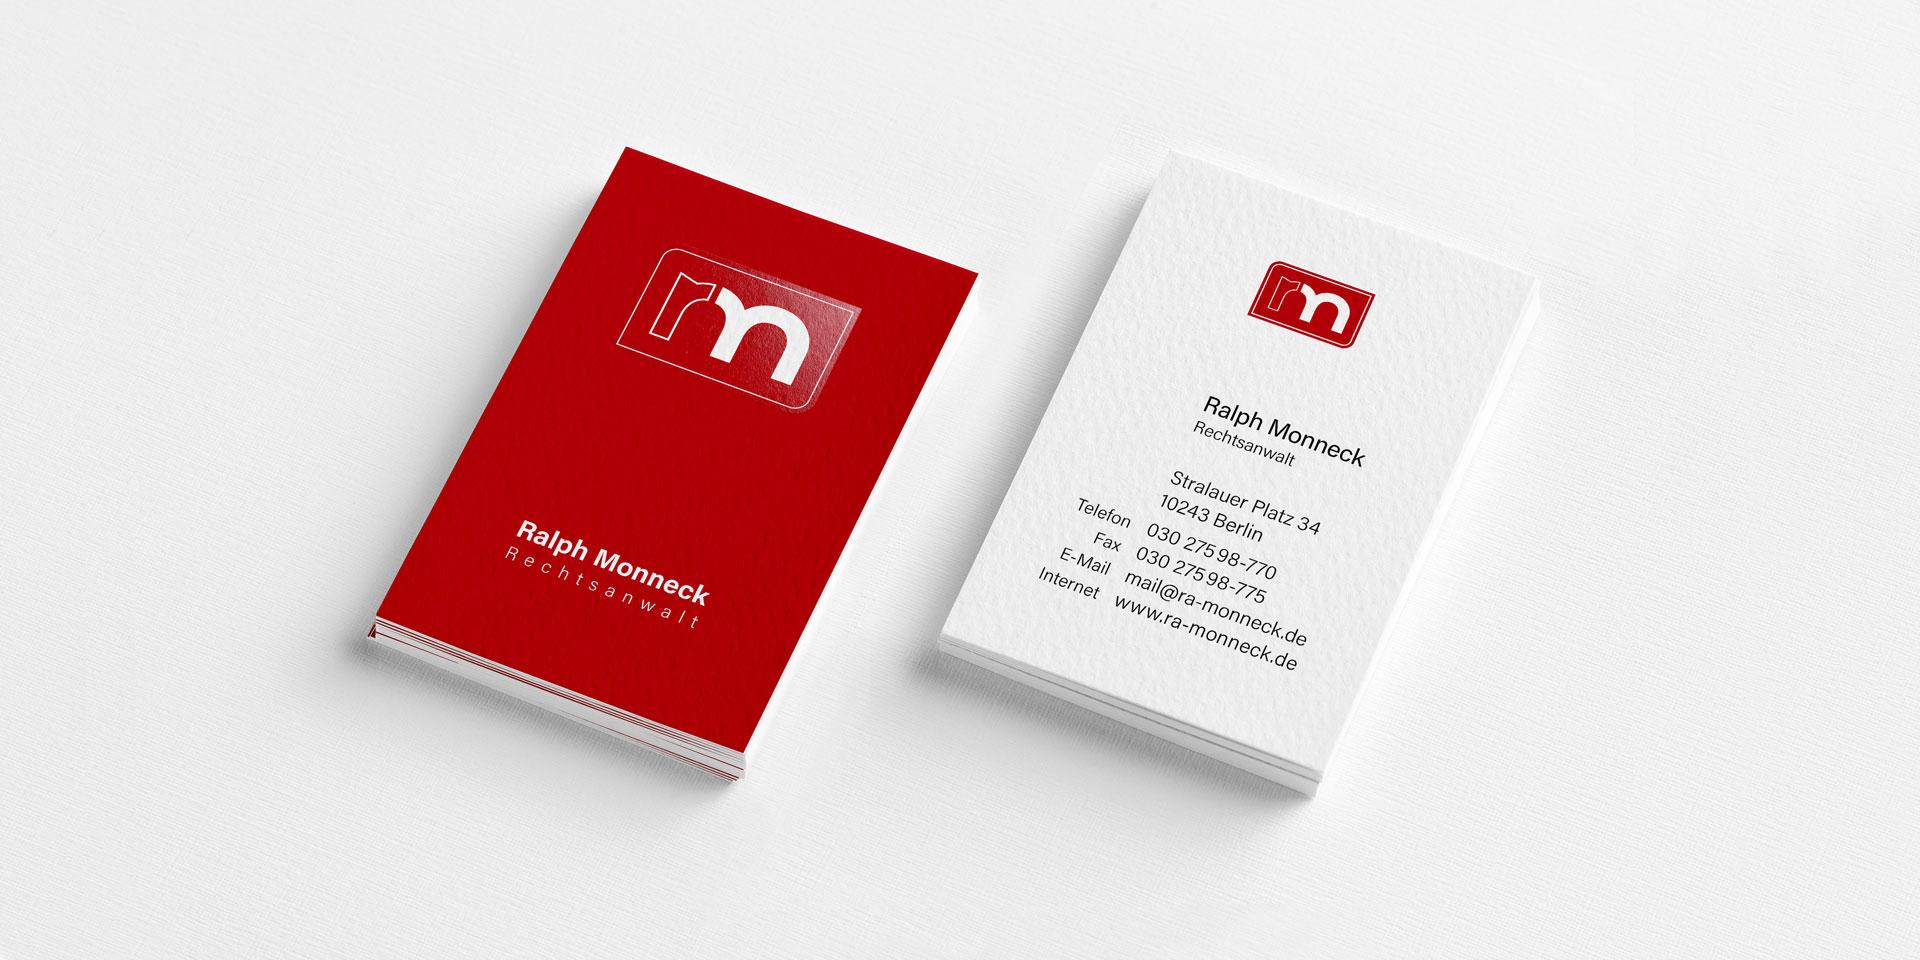 Visitenkarten Rechtsanwalt Monneck